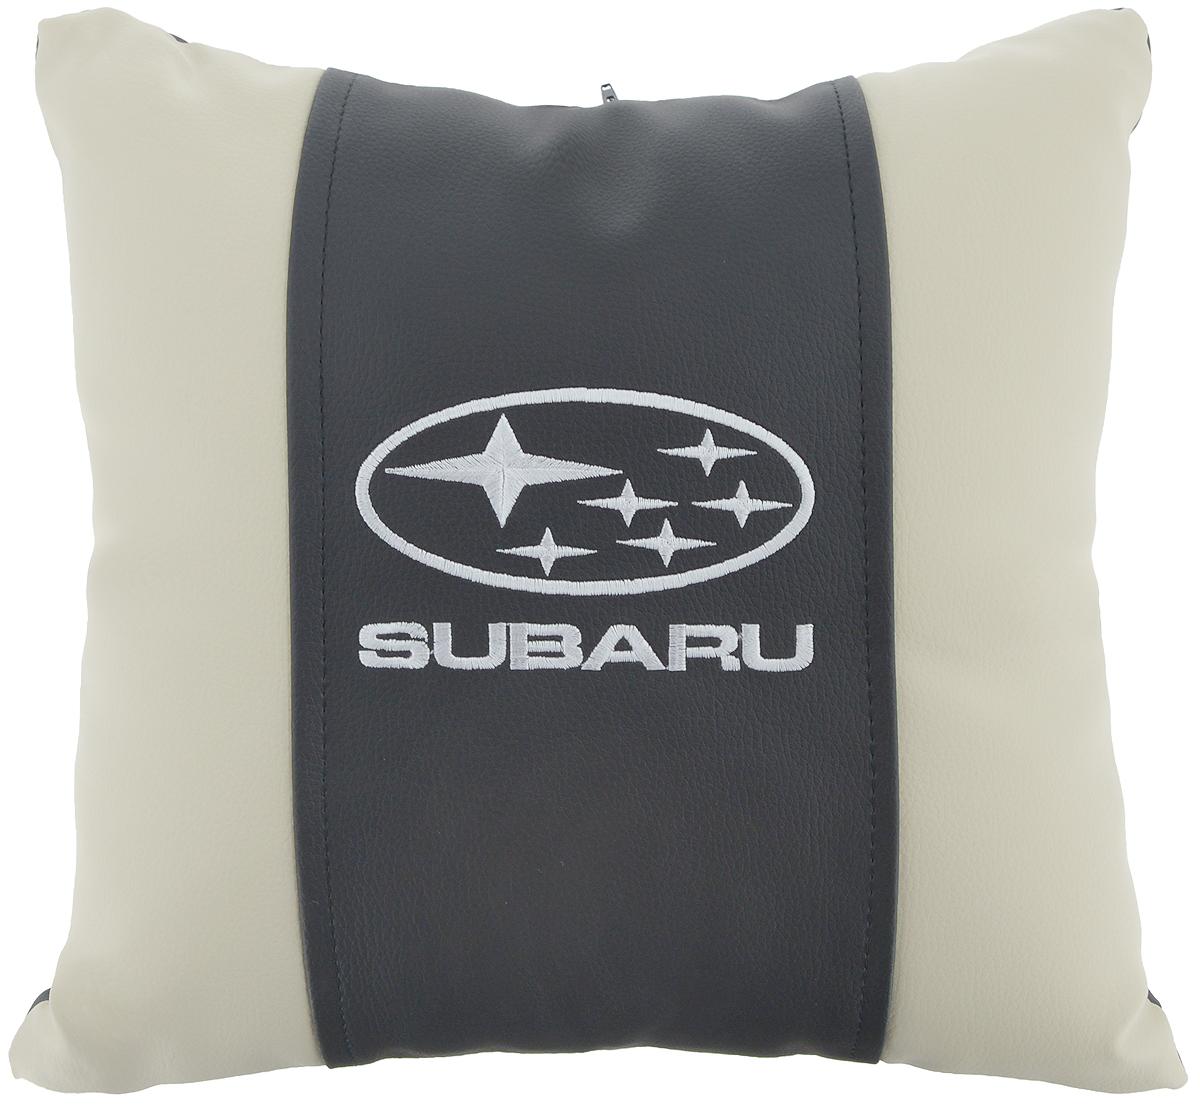 Подушка на сиденье Autoparts Subaru, 30 х 30 смМ060Подушка на сиденье Autoparts Subaru создана для тех, кто весь свой день вынужден проводить за рулем. Чехол выполнен из высококачественной дышащей экокожи. Наполнителем служит холлофайбер. На задней части подушки имеется змейка.Особенности подушки:- Хорошо проветривается.- Предупреждает потение.- Поддерживает комфортную температуру.- Обминается по форме тела.- Улучшает кровообращение.- Исключает затечные явления.- Предупреждает развитие заболеваний, связанных с сидячим образом жизни. Подушка также будет полезна и дома - при работе за компьютером, школьникам - при выполнении домашних работ, да и в любимом кресле перед телевизором.